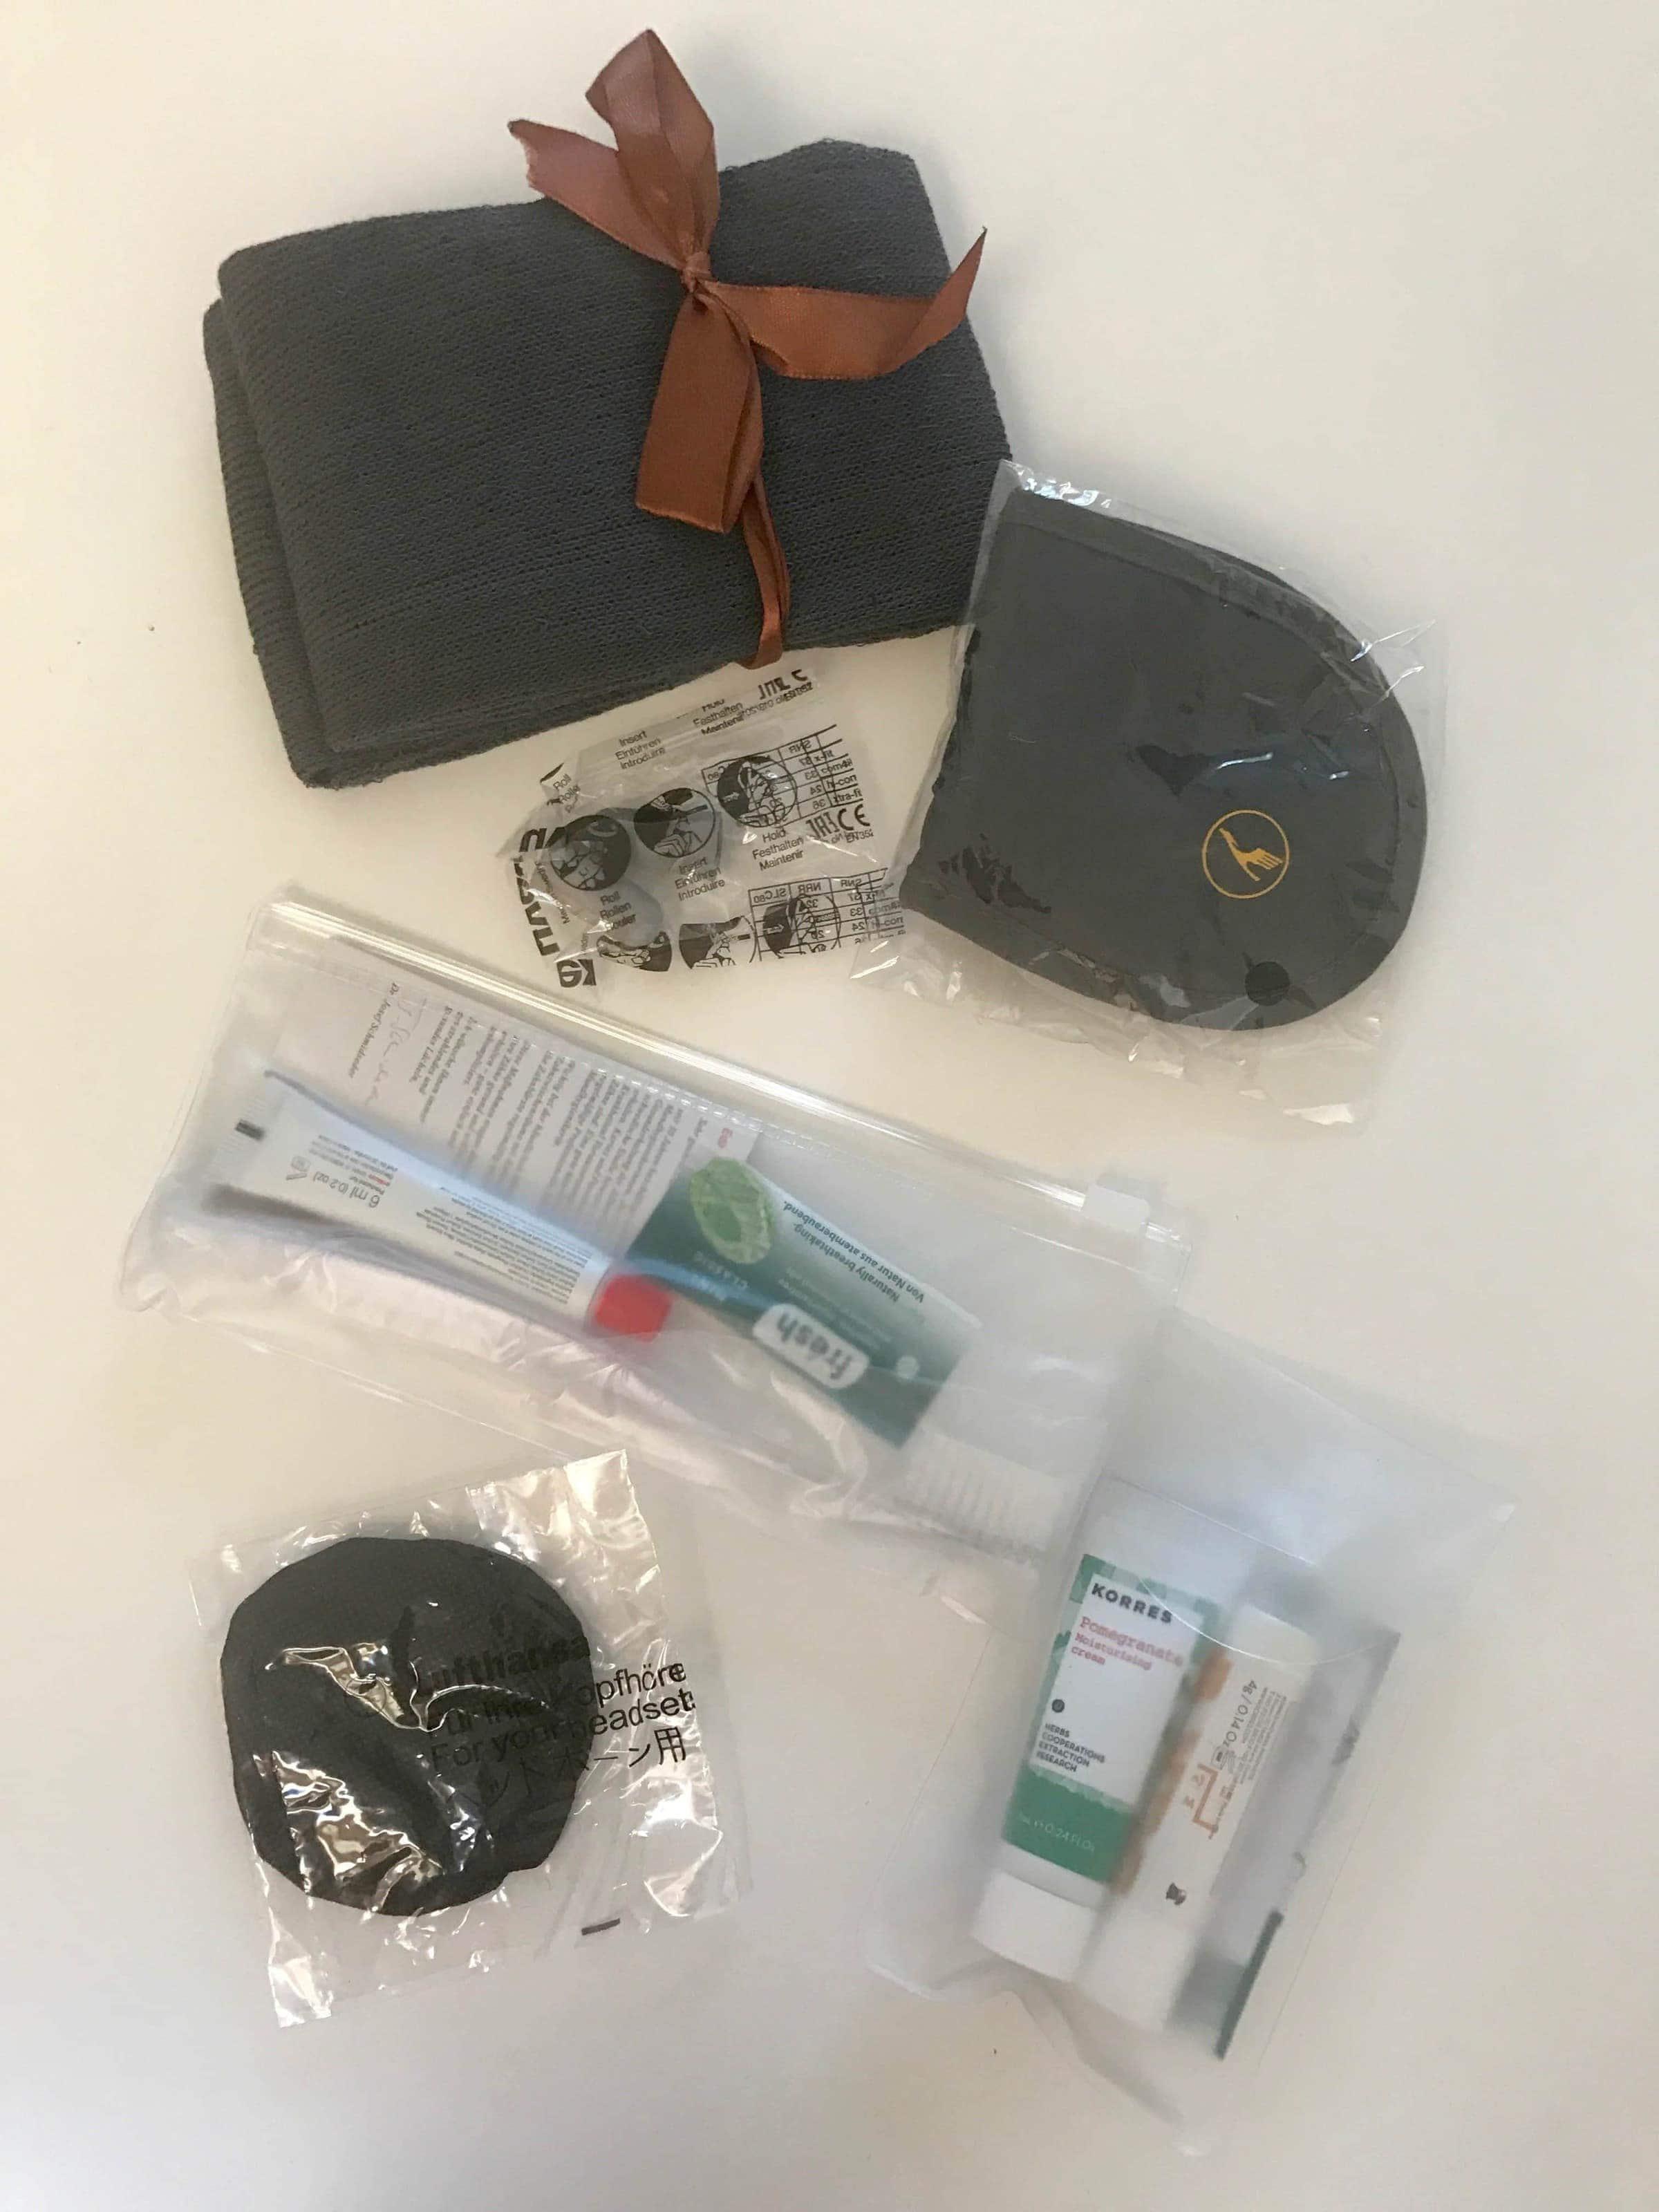 Inhalt des Amenity Kits bei Lufthansa